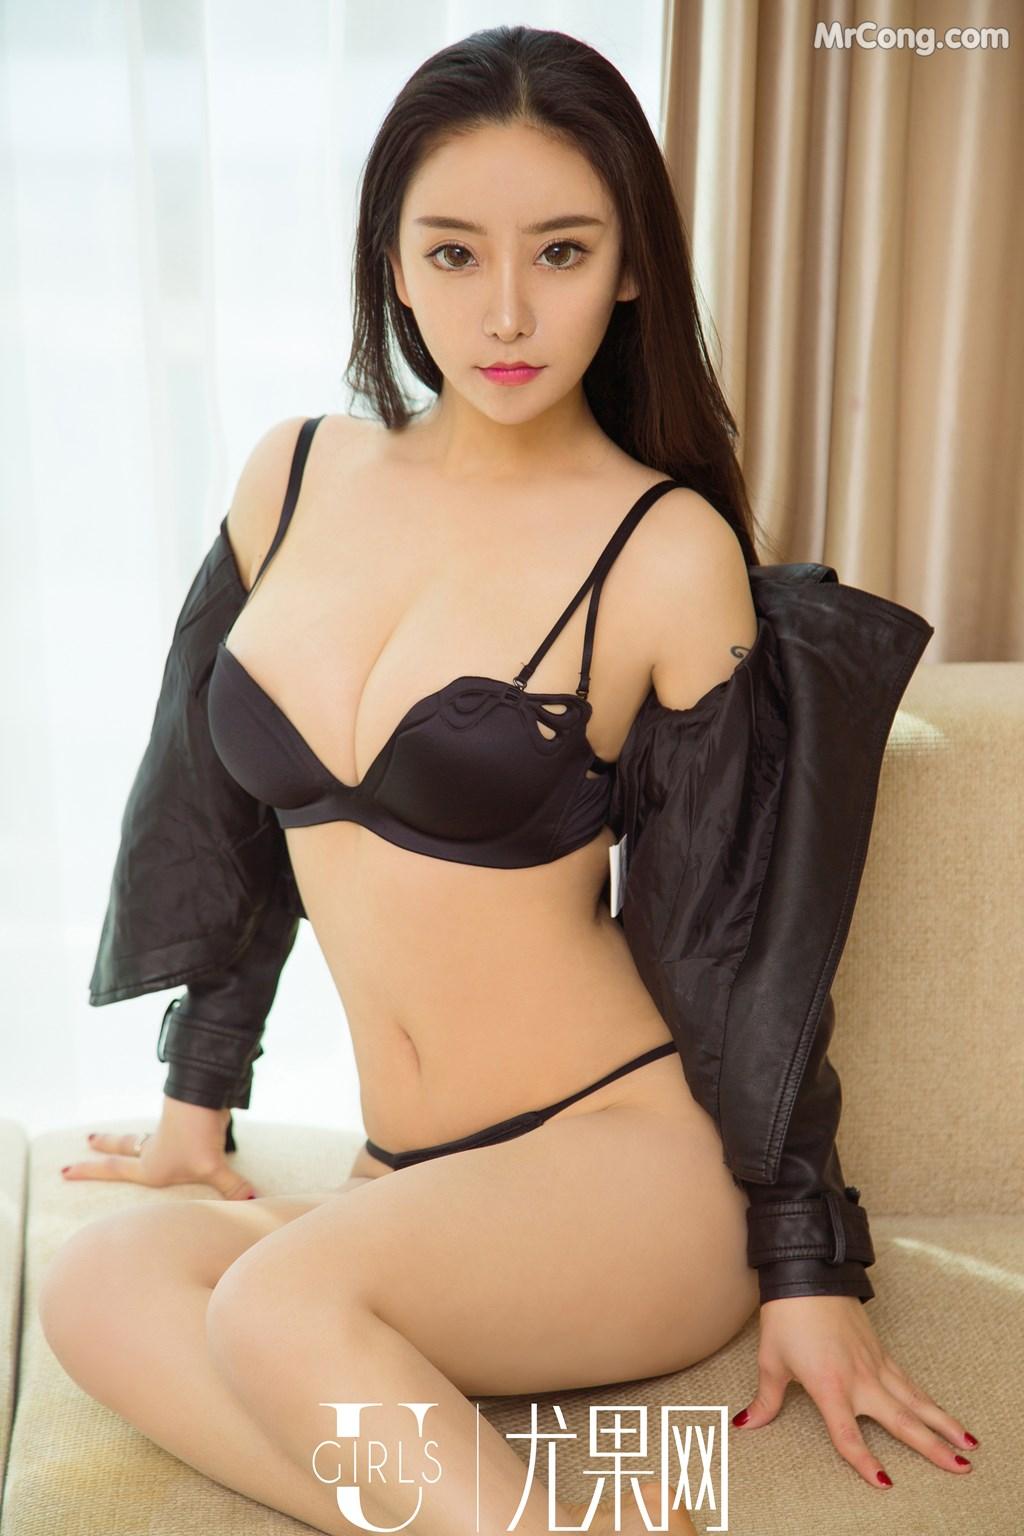 Image UGIRLS-U369-Han-Mo-Yu-MrCong.com-003 in post UGIRLS U369: Người mẫu Han Mo Yu (韩沫瑜) (66 ảnh)